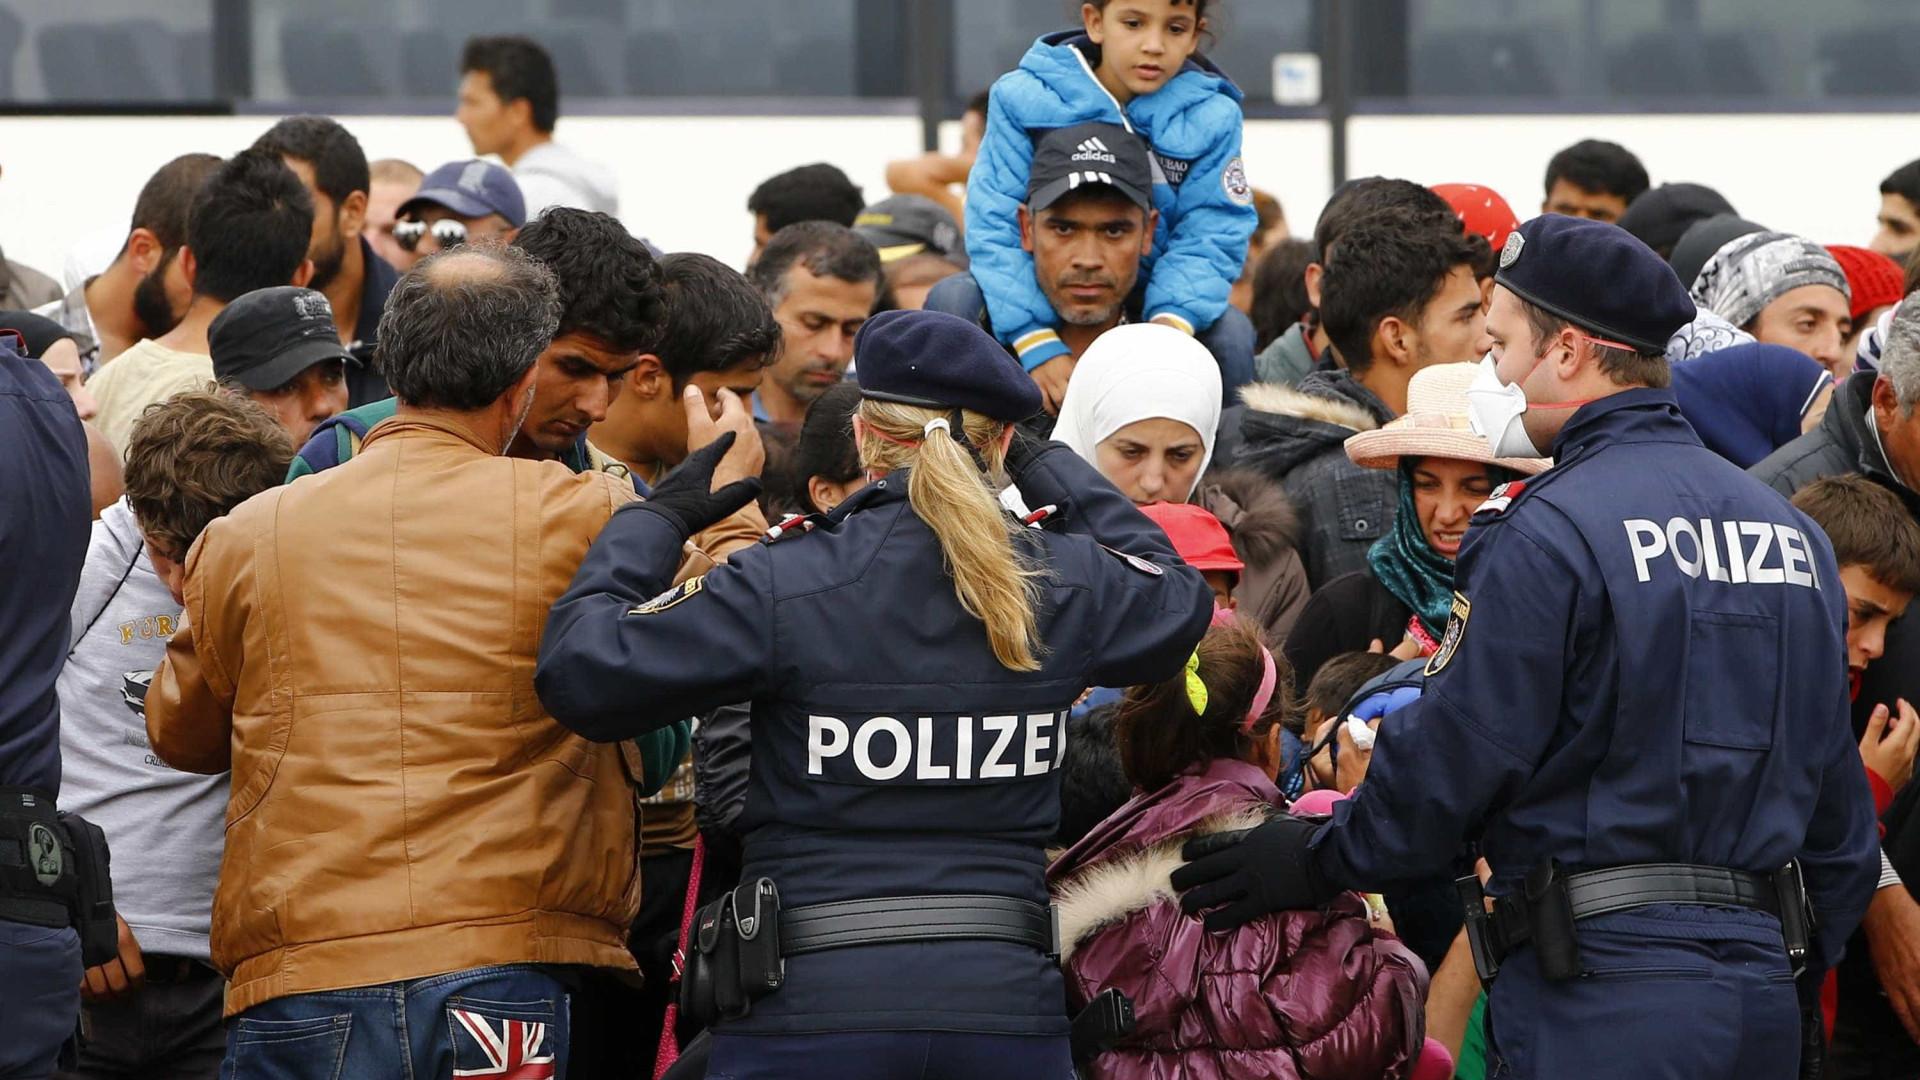 Alemanha aprova novas regras para facilitar expulsão de migrantes